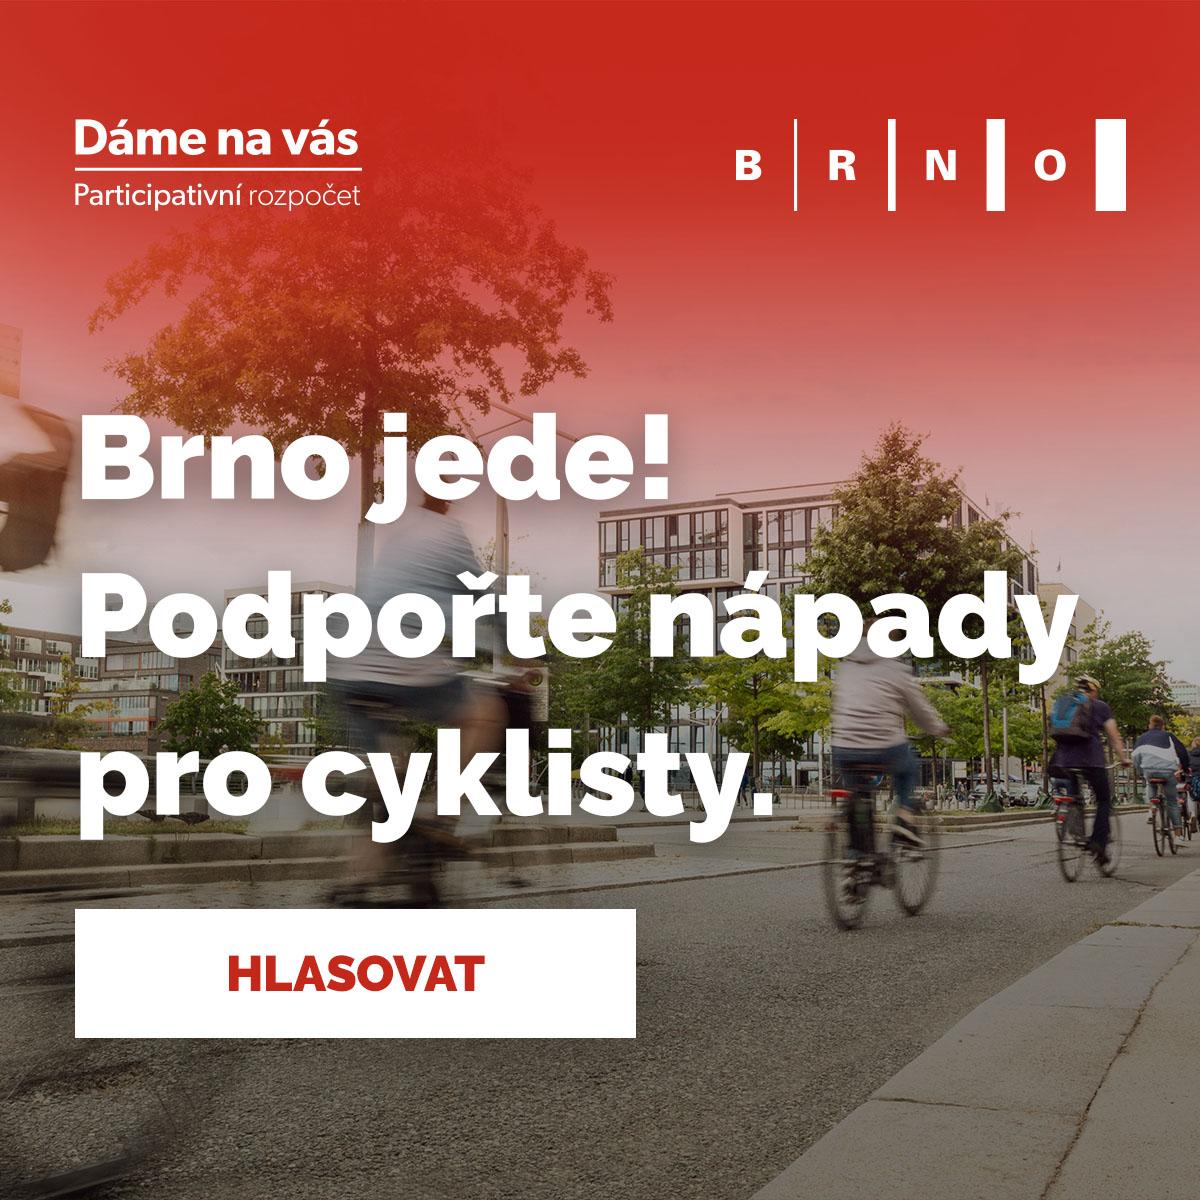 Cyklo-projekty v Dáme na vás 2020 – HLASUJTE